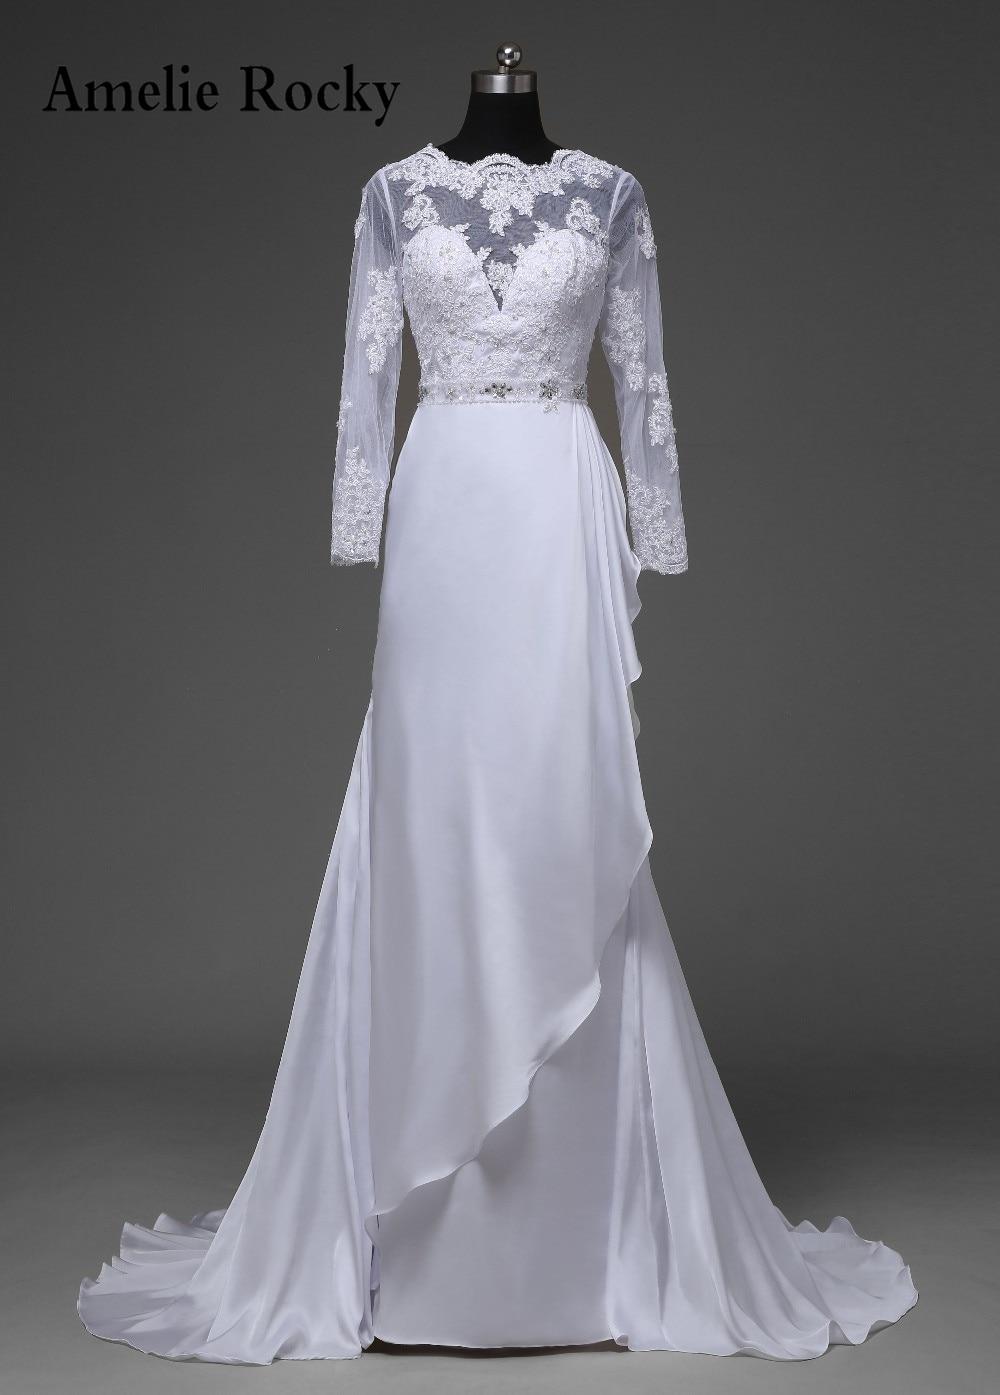 21207e47e8d46 Vestido De Noiva Manga Longa Elegant Long Sleeve Wedding Gowns A Line  Wedding Dresses 2019 Vestido